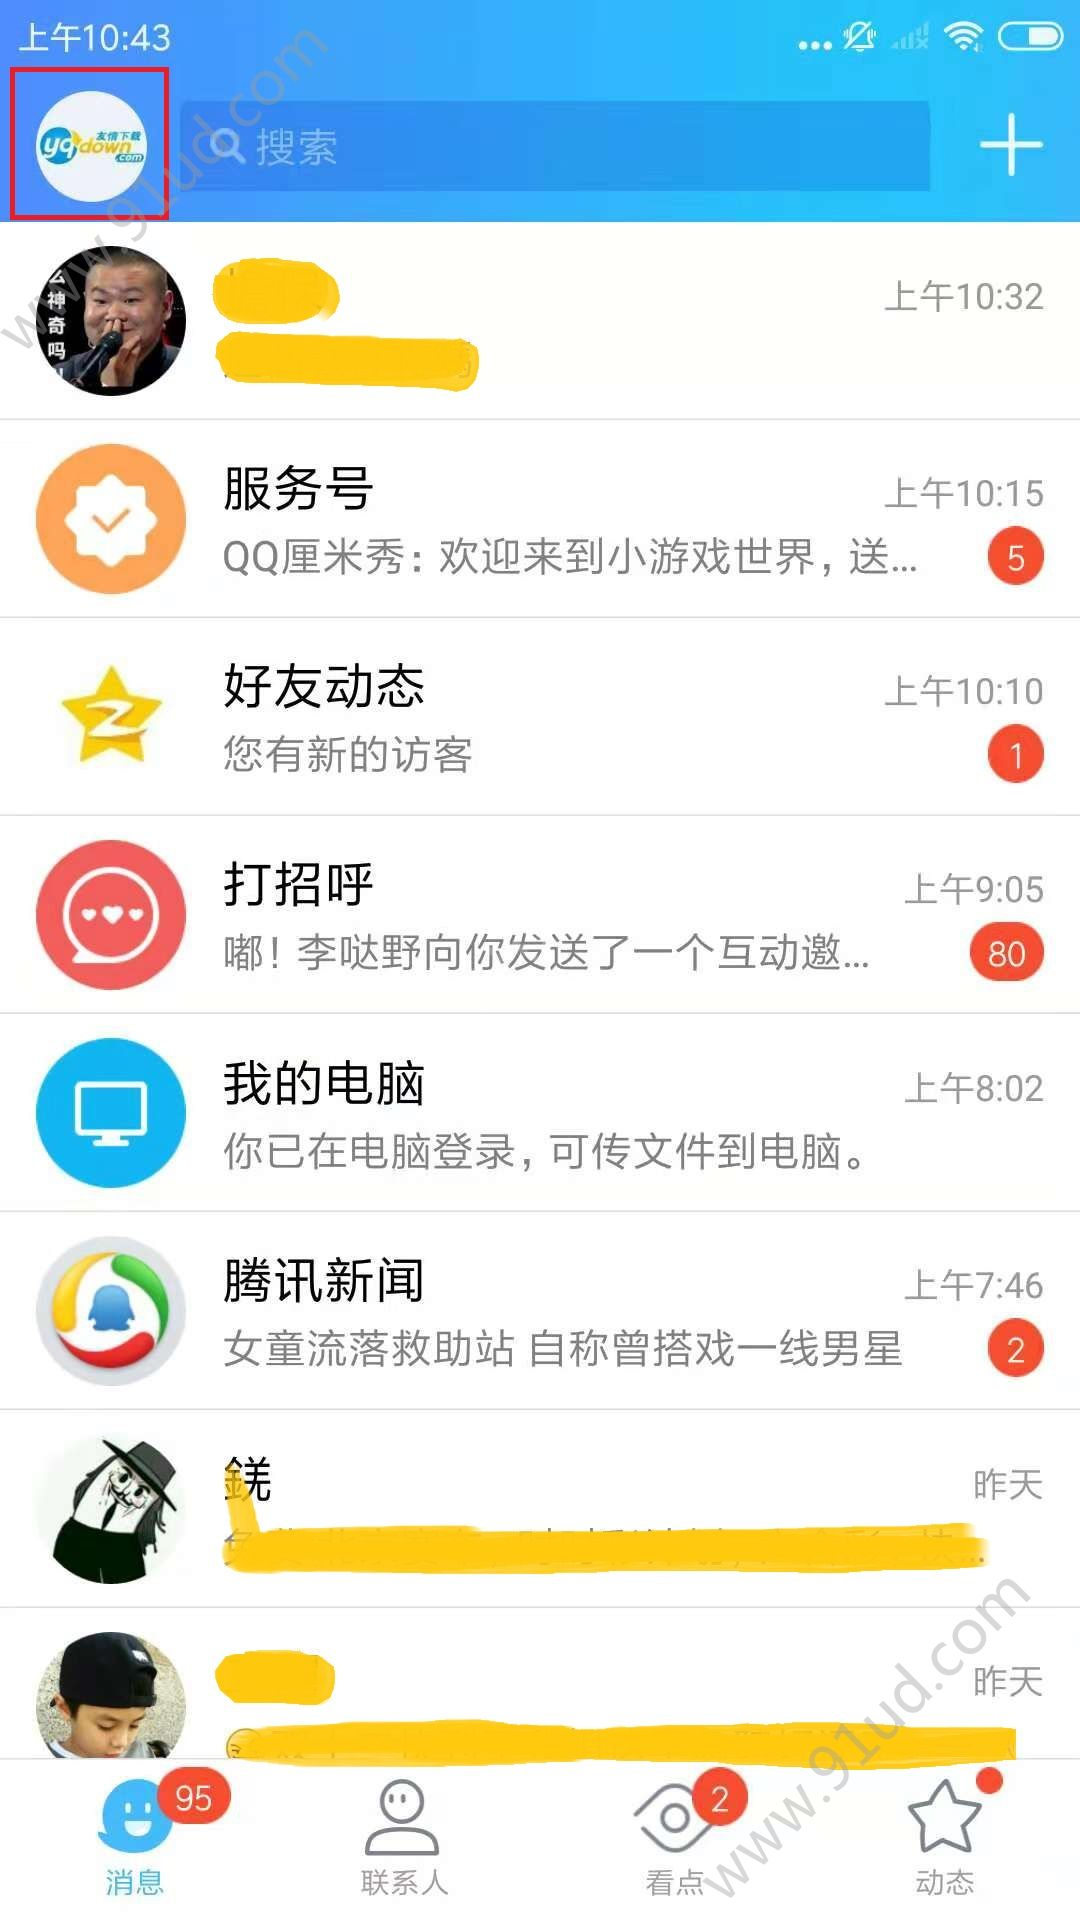 手机QQ小程序入口在哪?腾讯QQ轻应用在哪里打开?-好源码